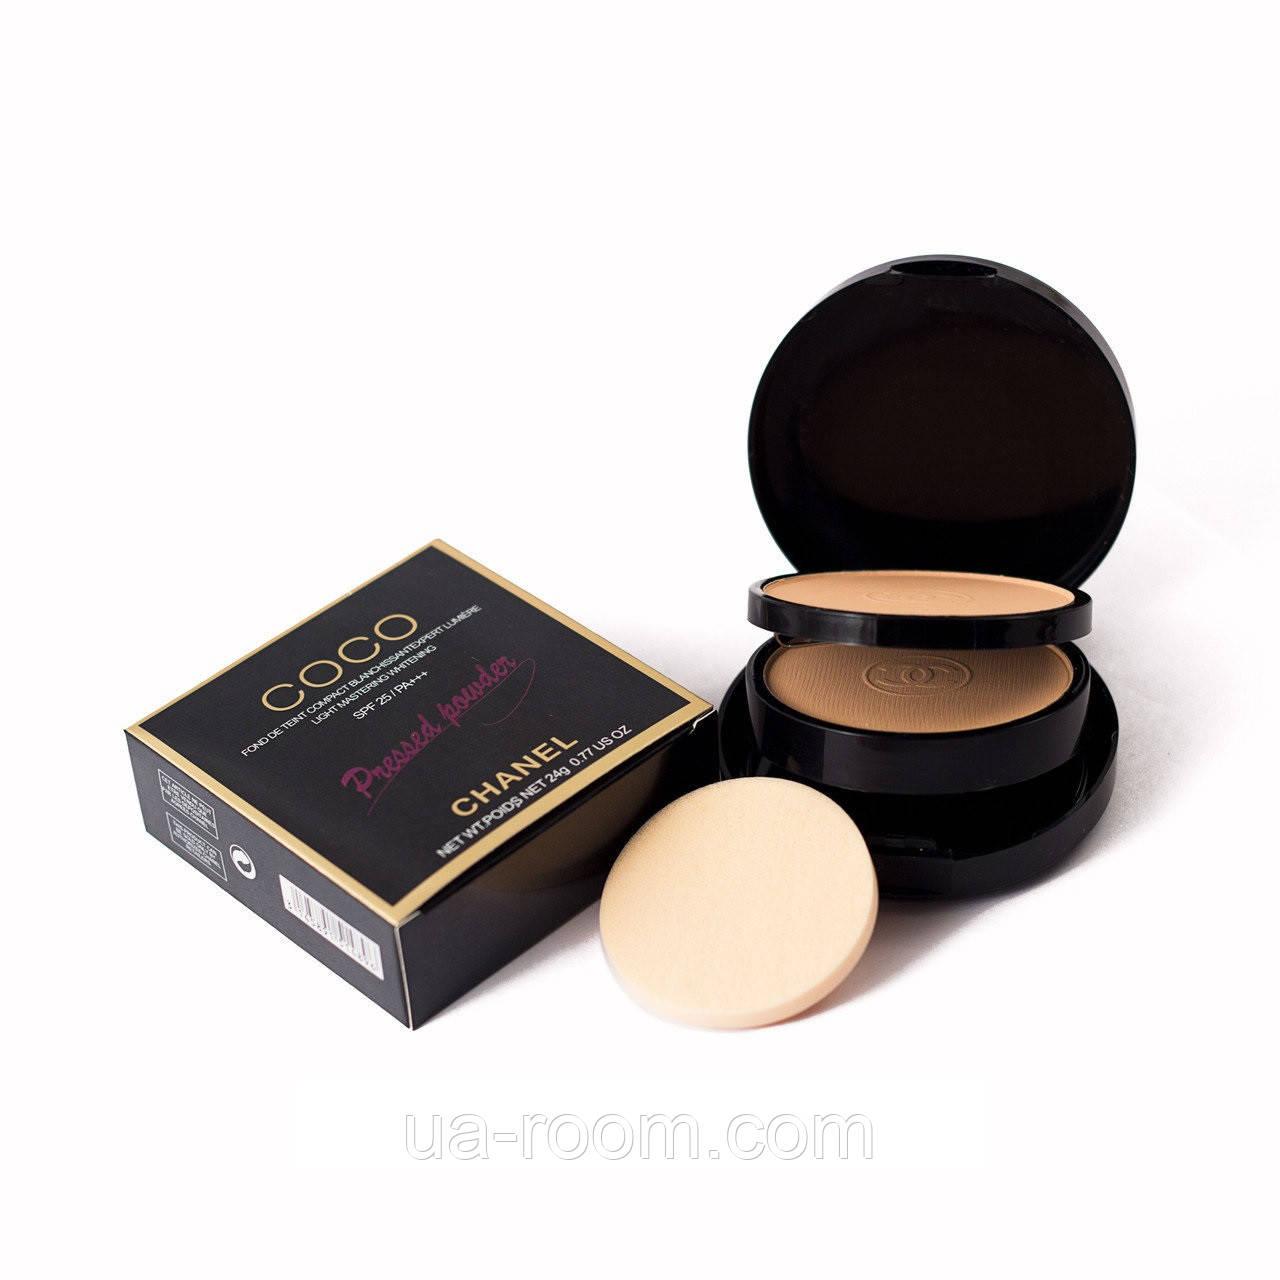 Компактная двойная пудра для лица Chanel Coco pressed powder  CH 1489